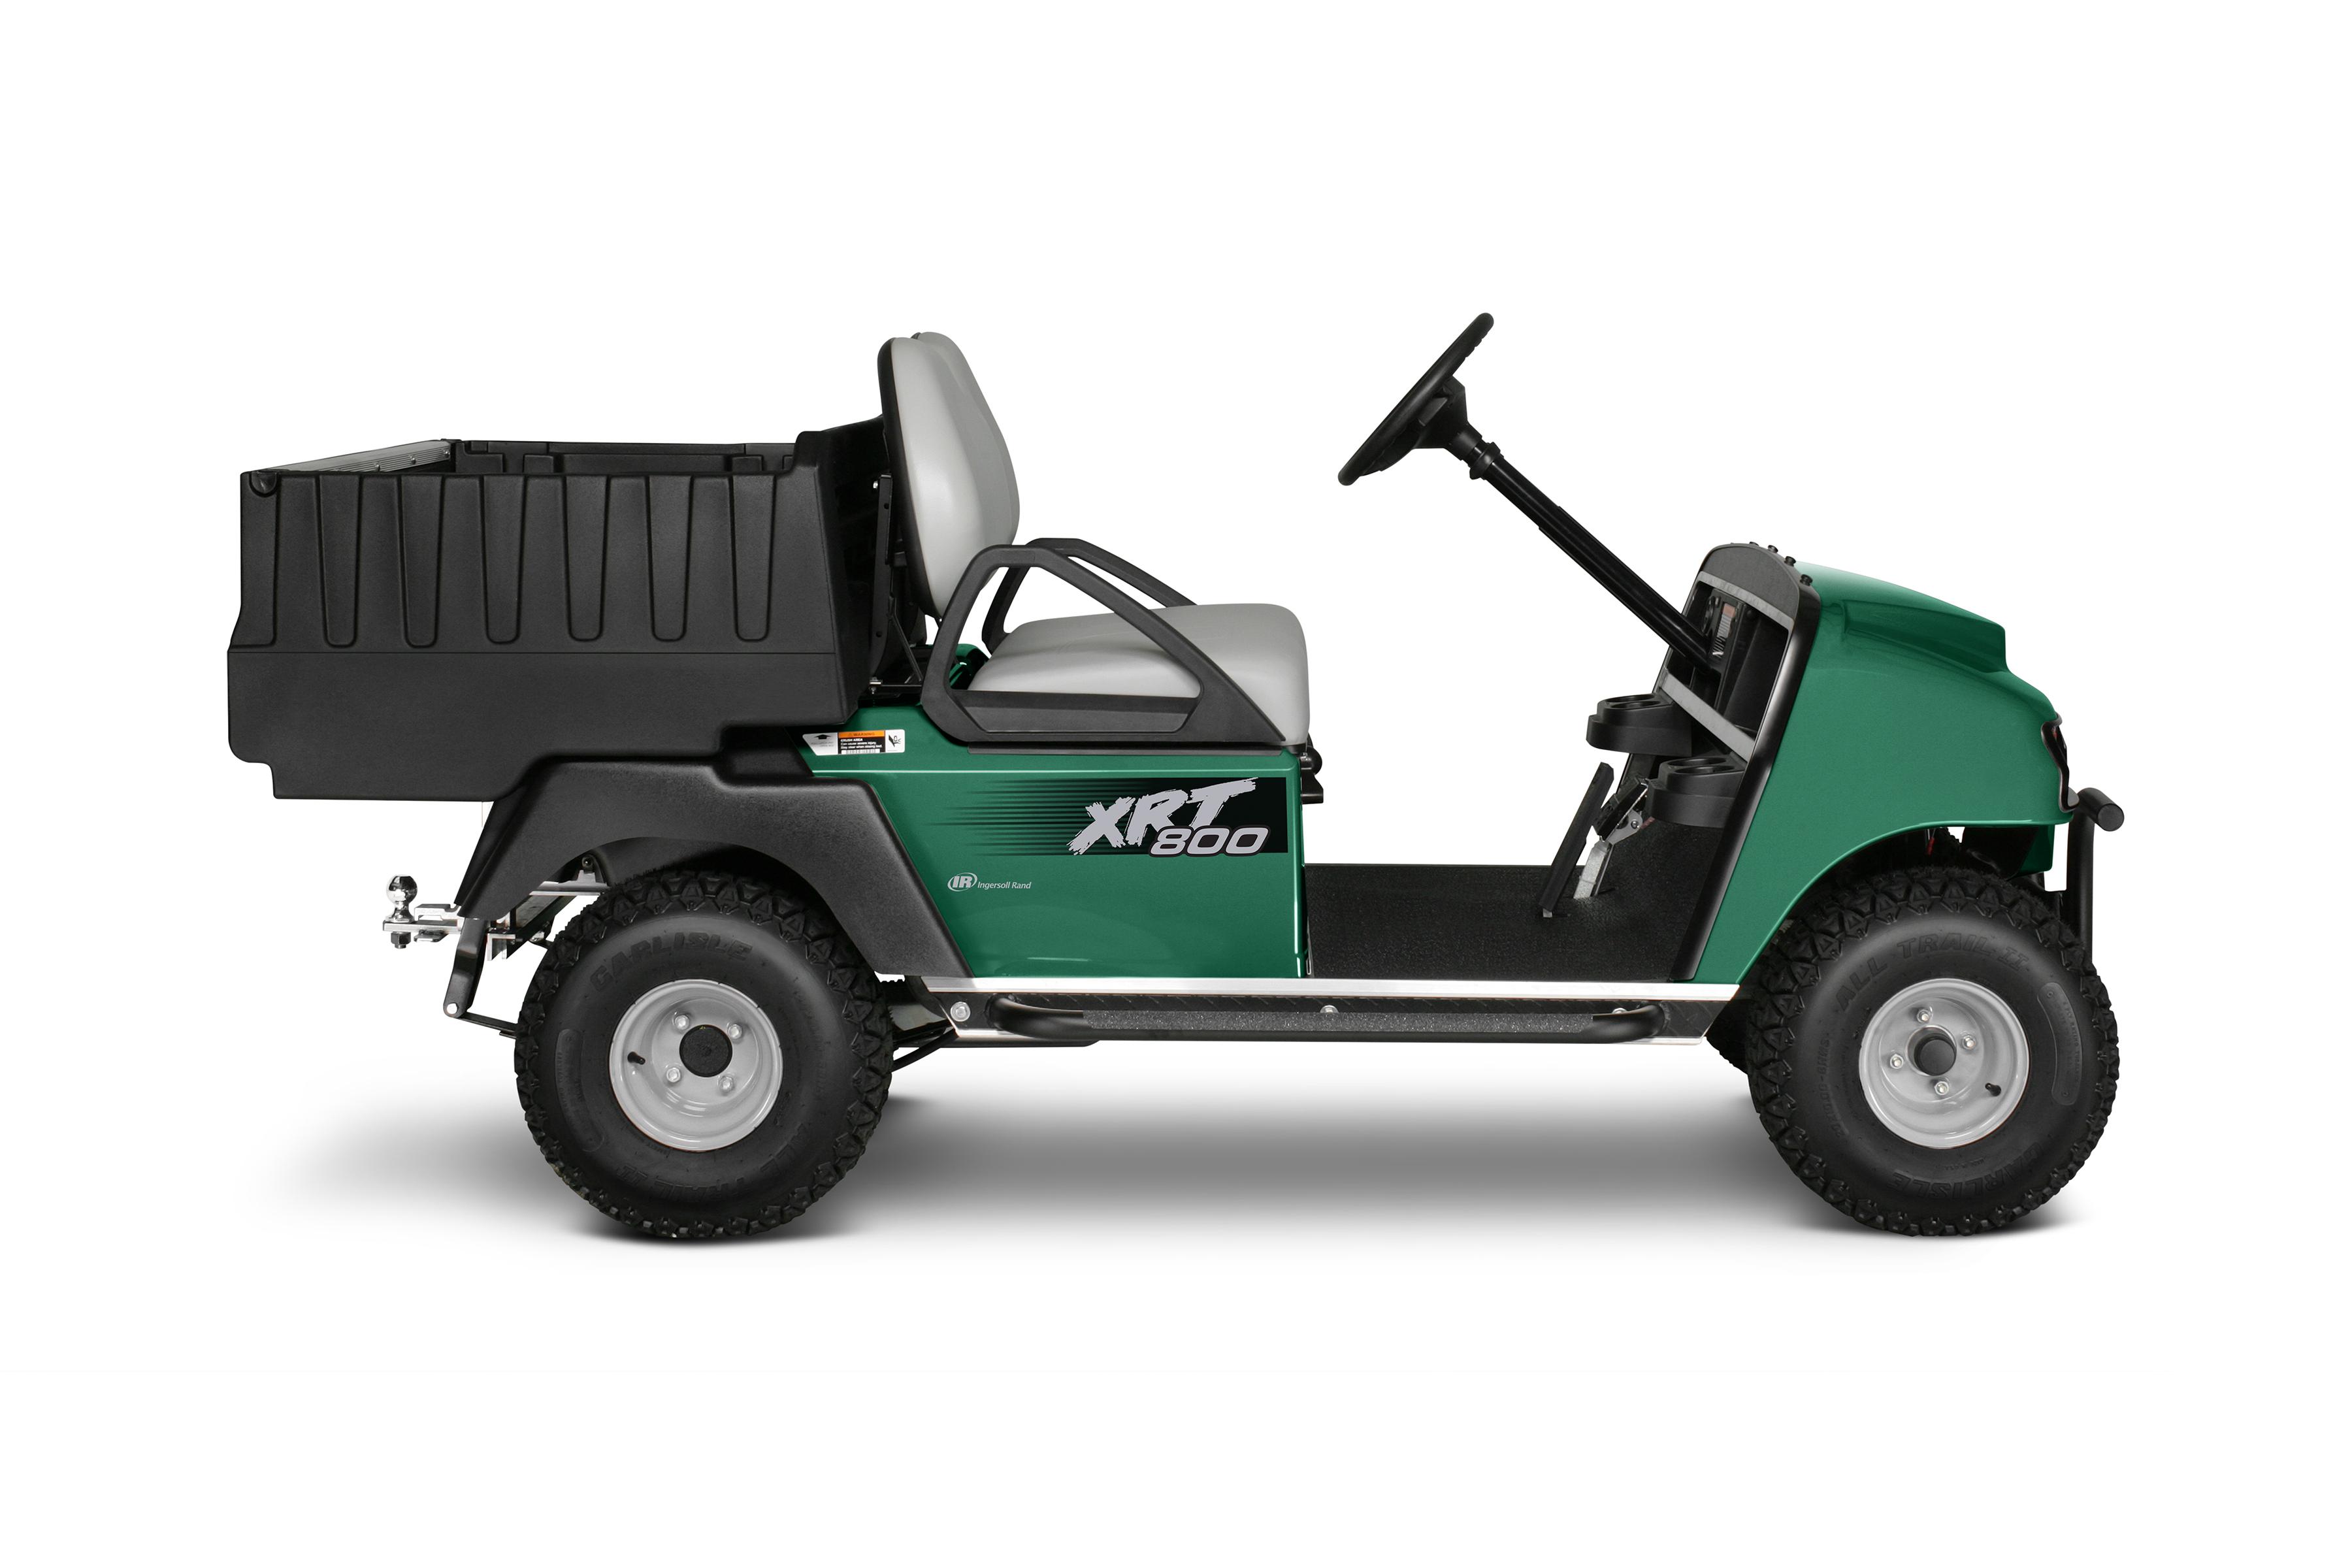 Utility Vehicle Rental Vehicle Ideas